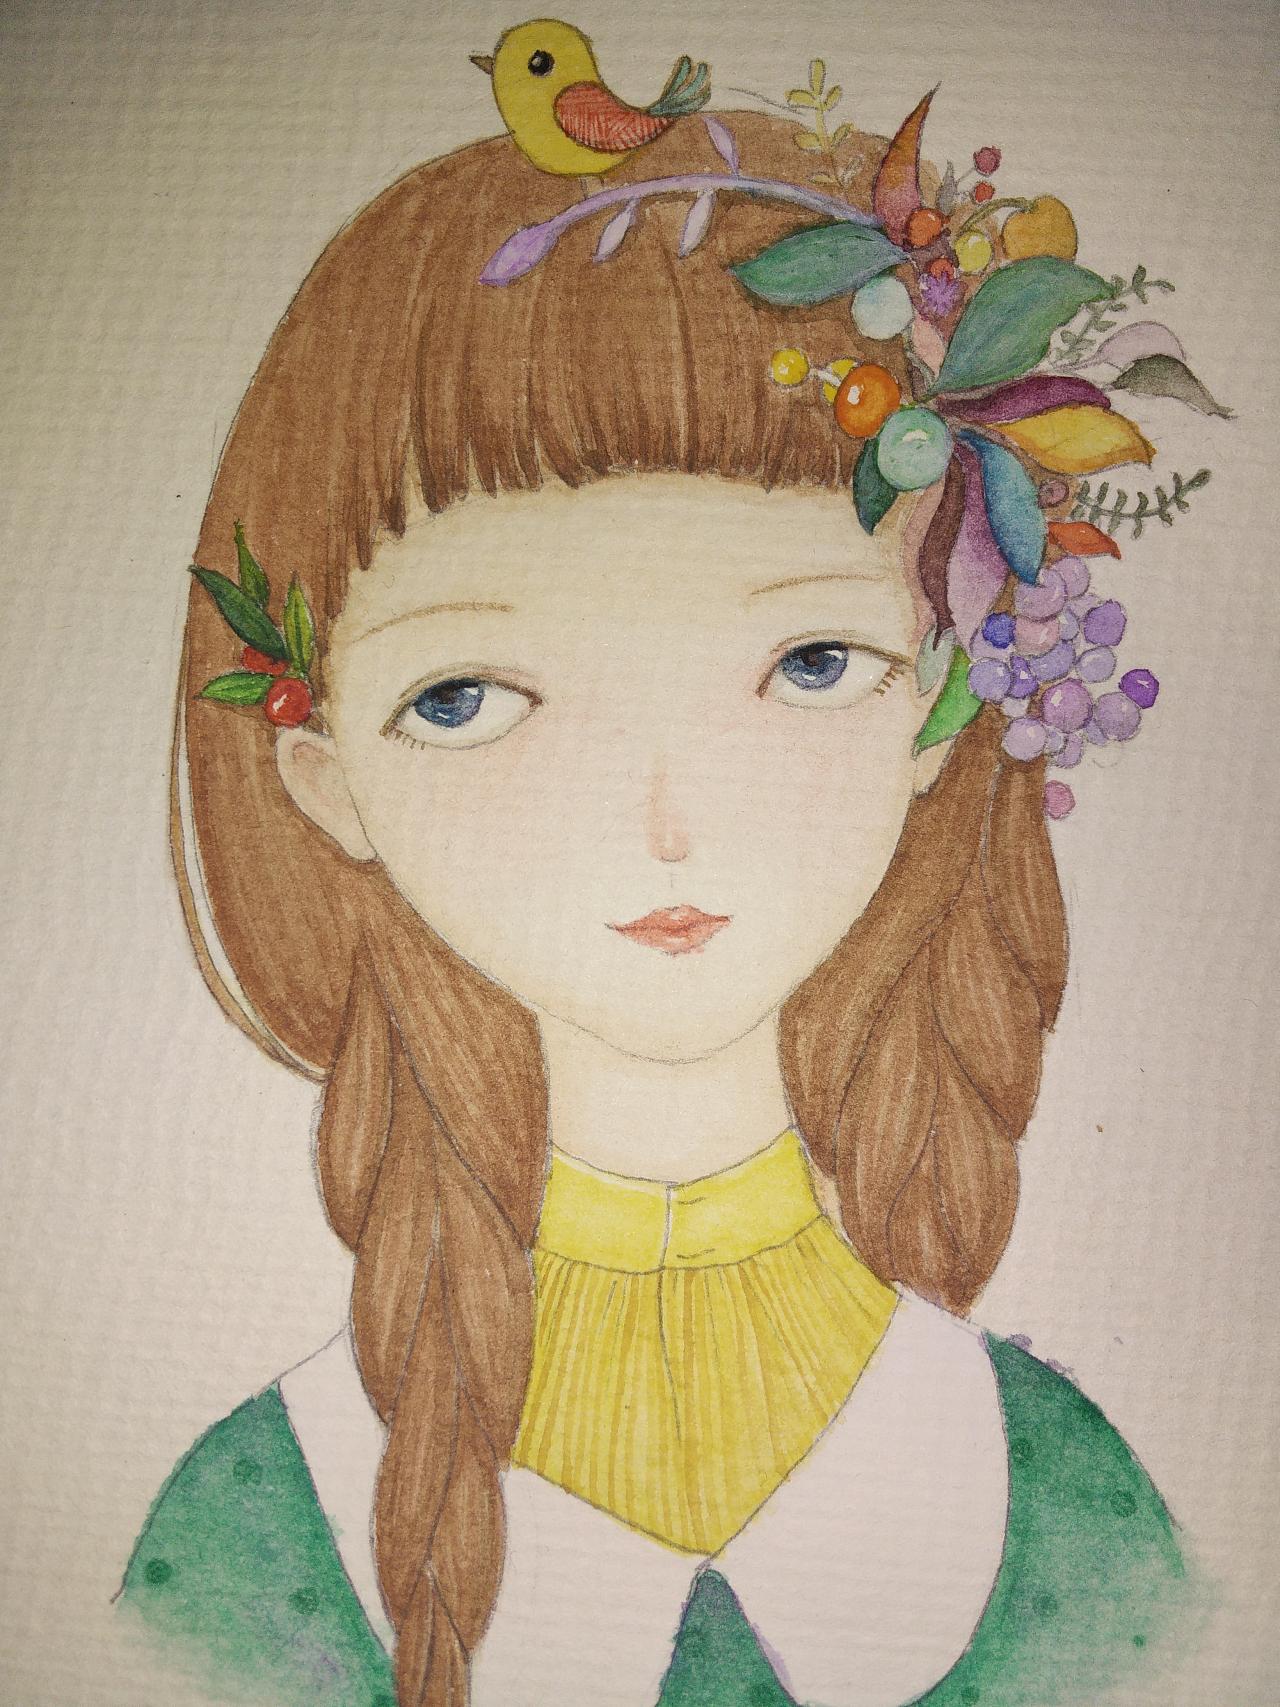 彩铅手绘-有一位姑娘